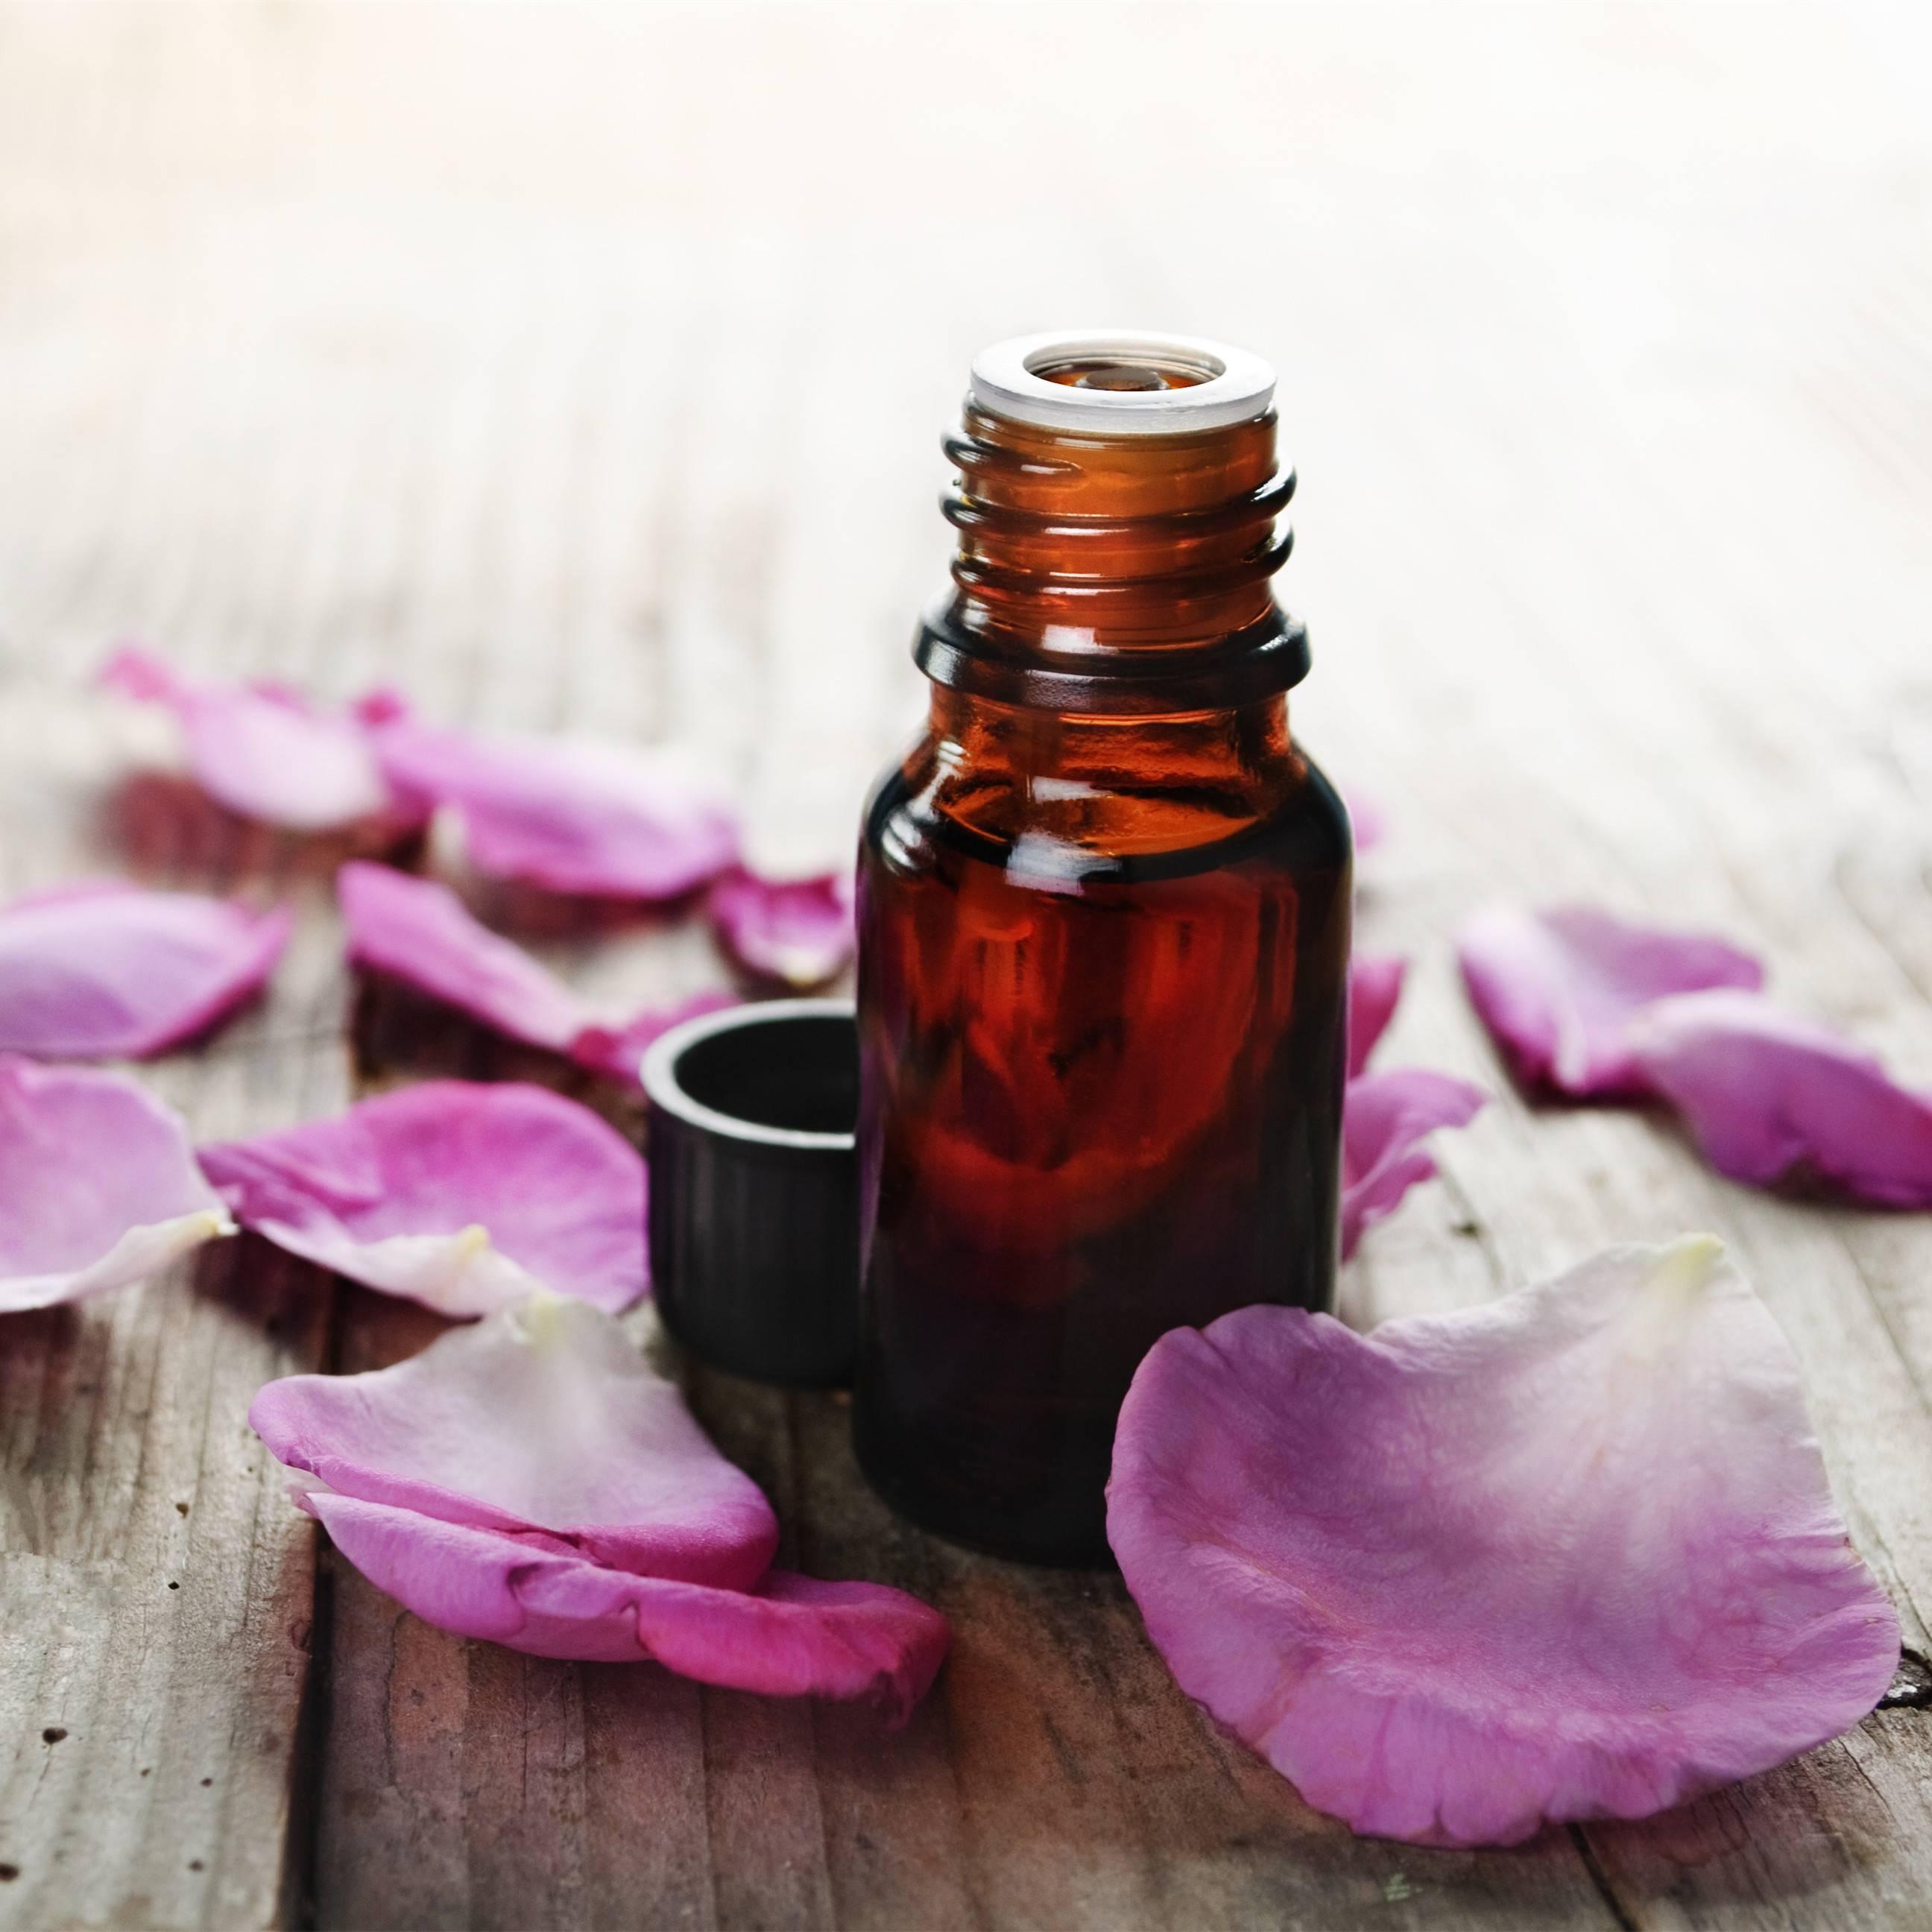 Чем полезно масло розы для лица и как его применять